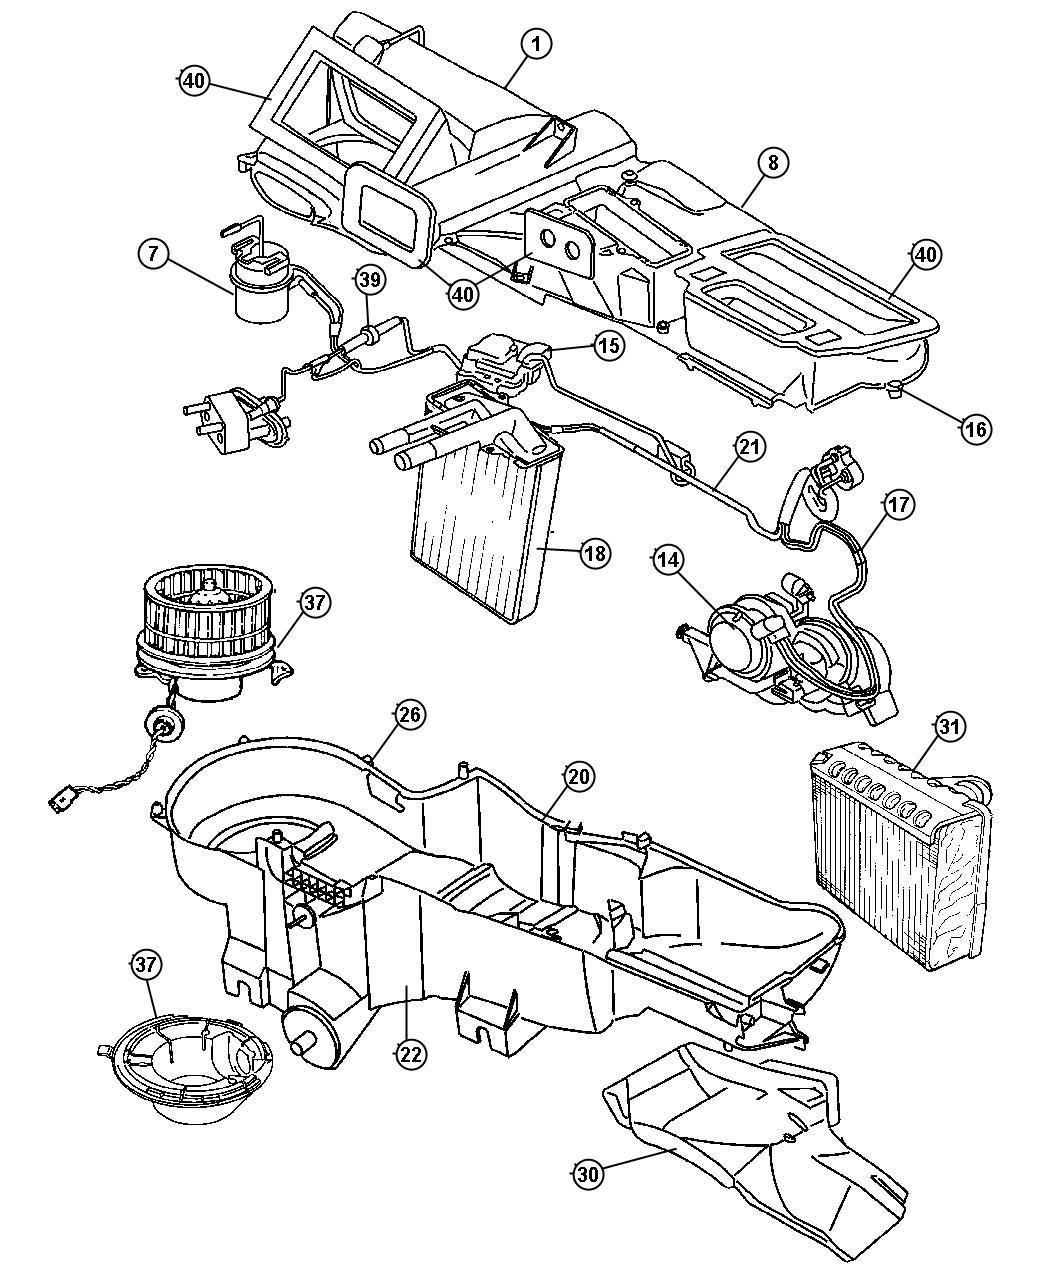 Dodge Ram Evaporato Air Conditioning Vehicles